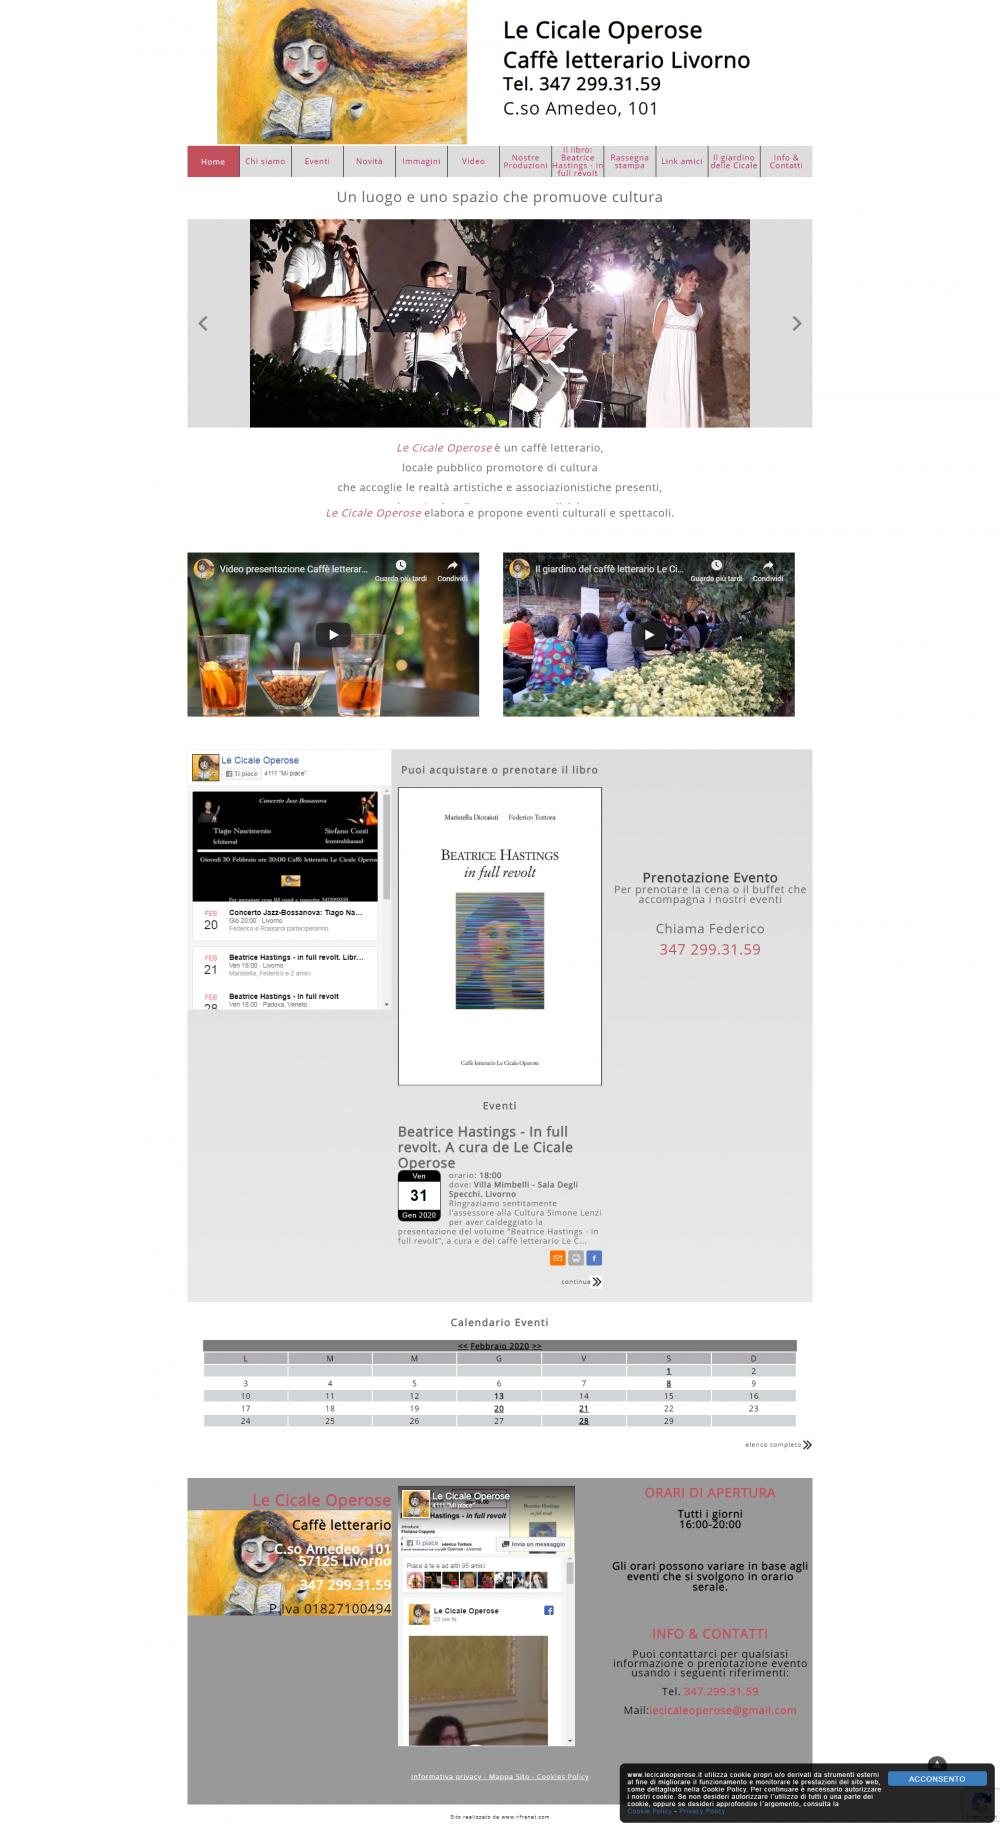 sito web le cicale operose livorno